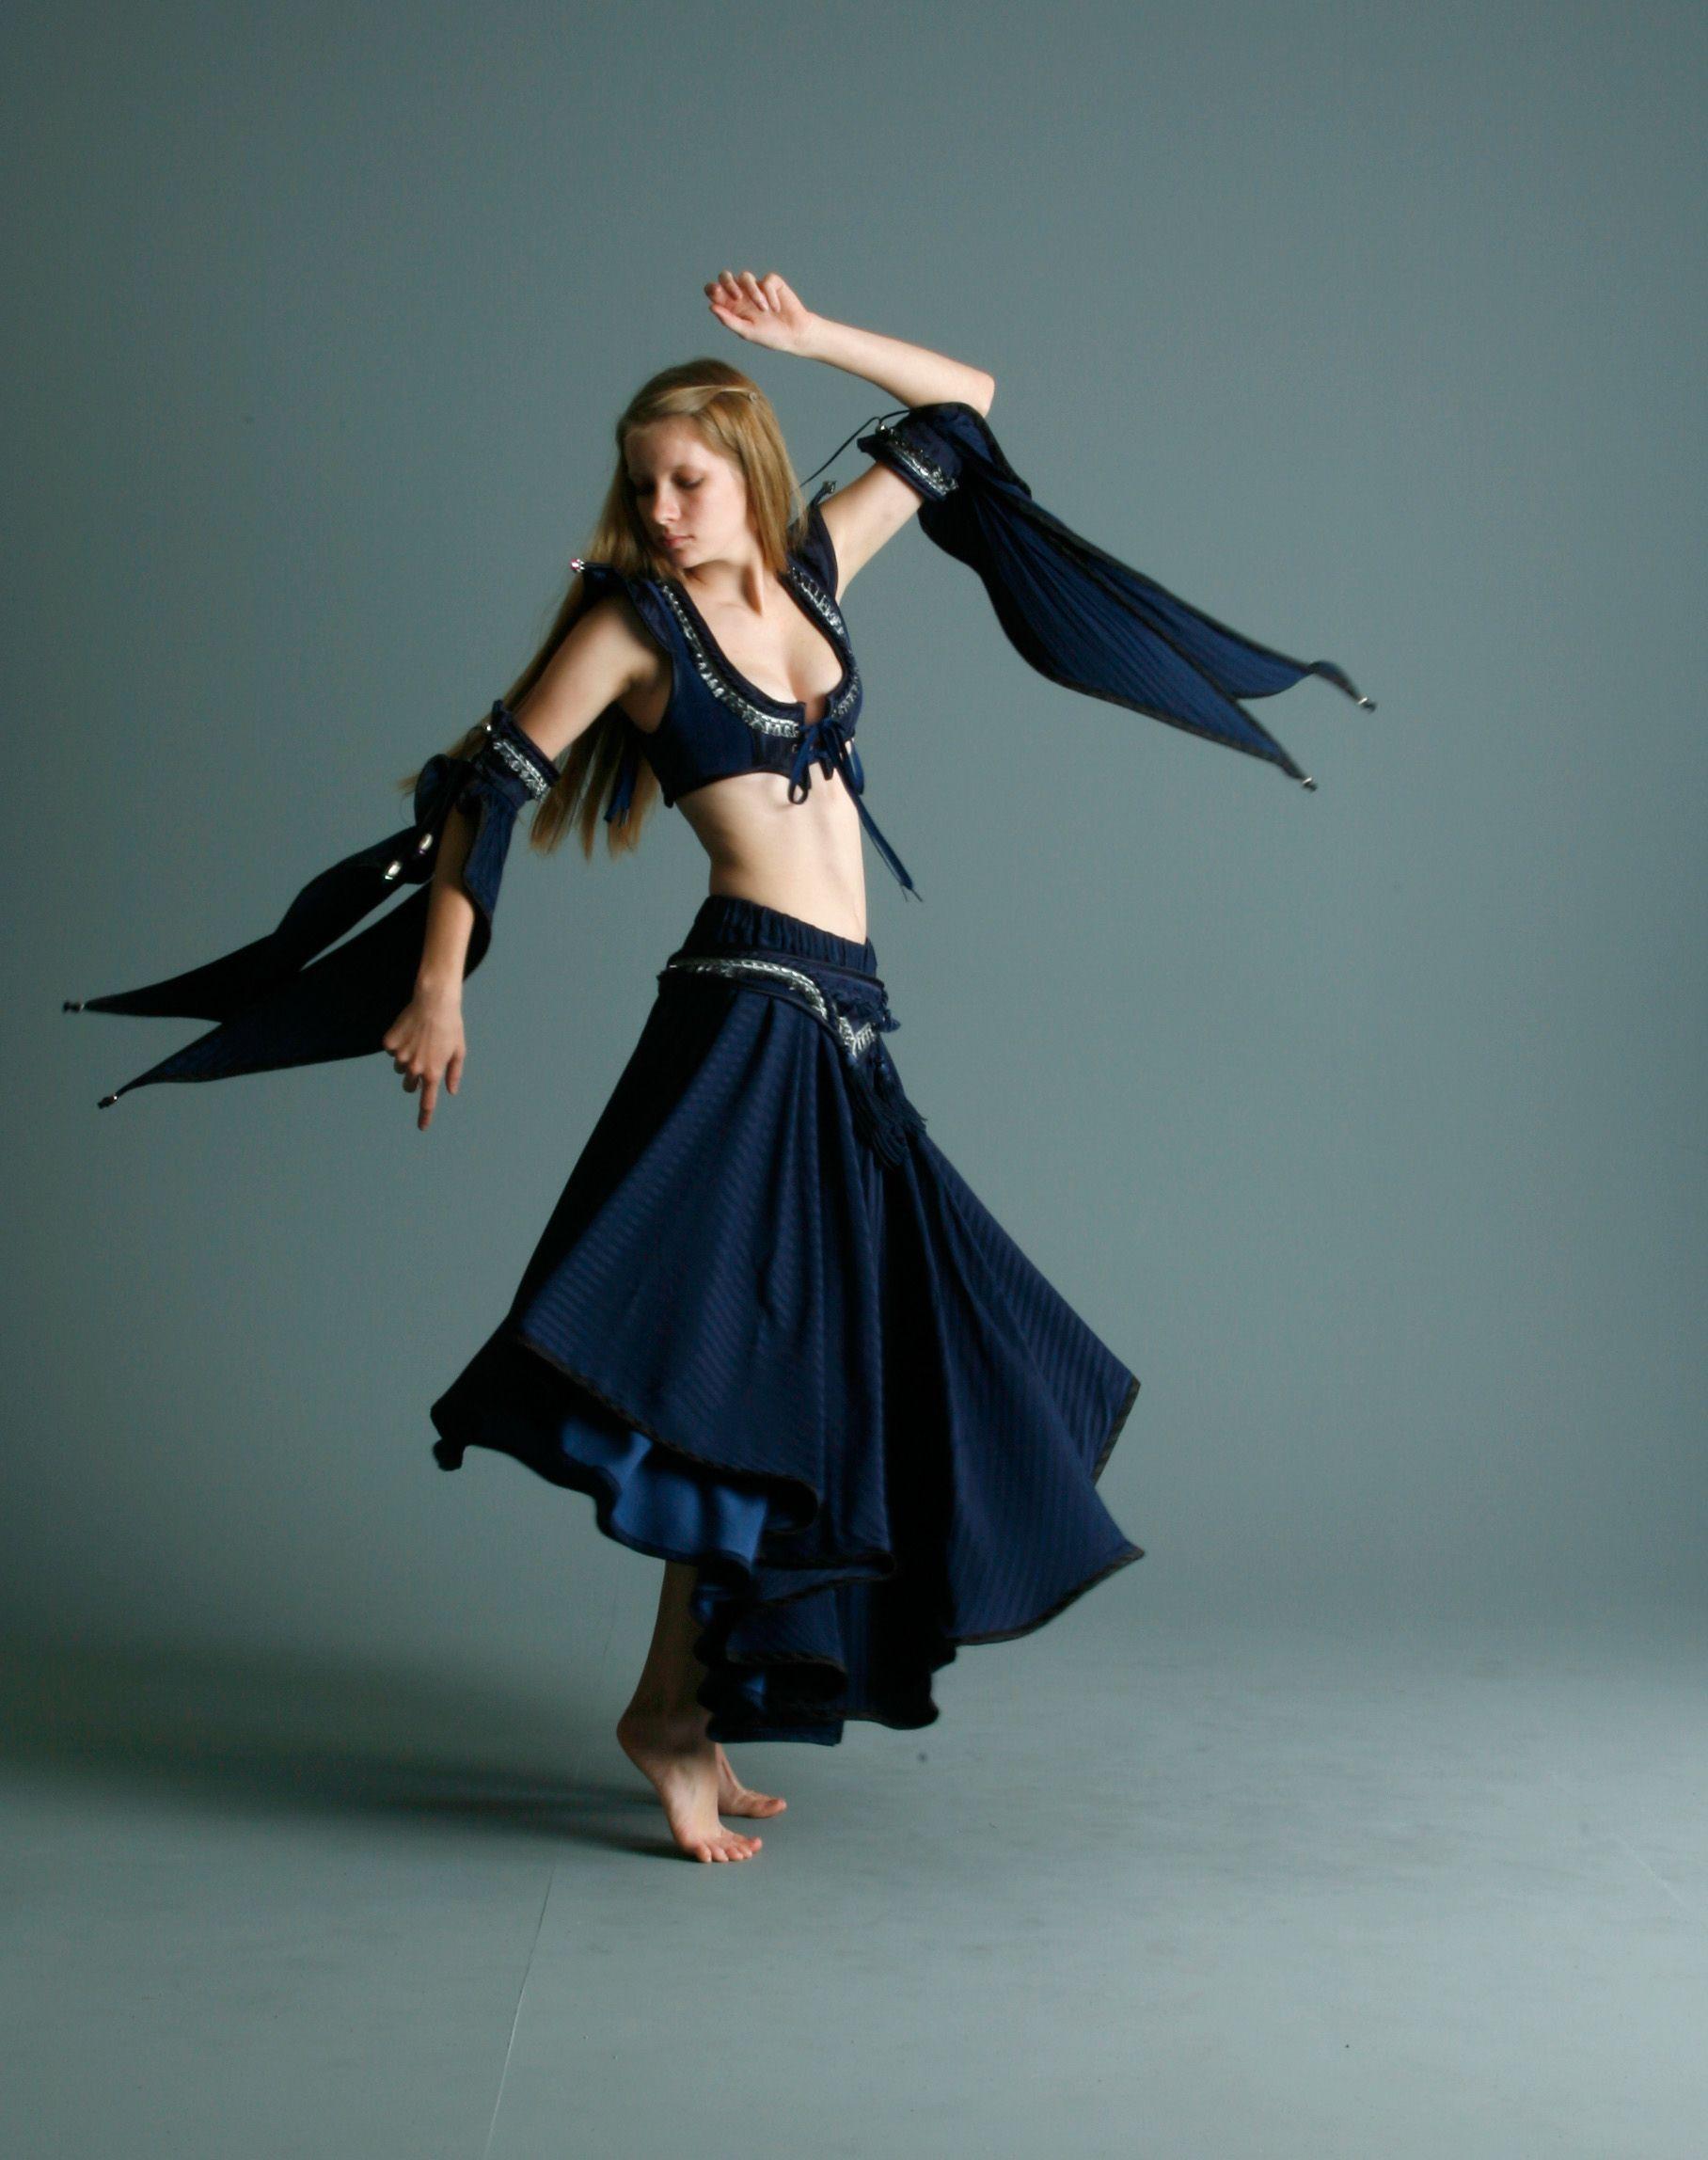 desert_dancer___27_by_mjranum_stock. | inspiration clips | Pinterest ...